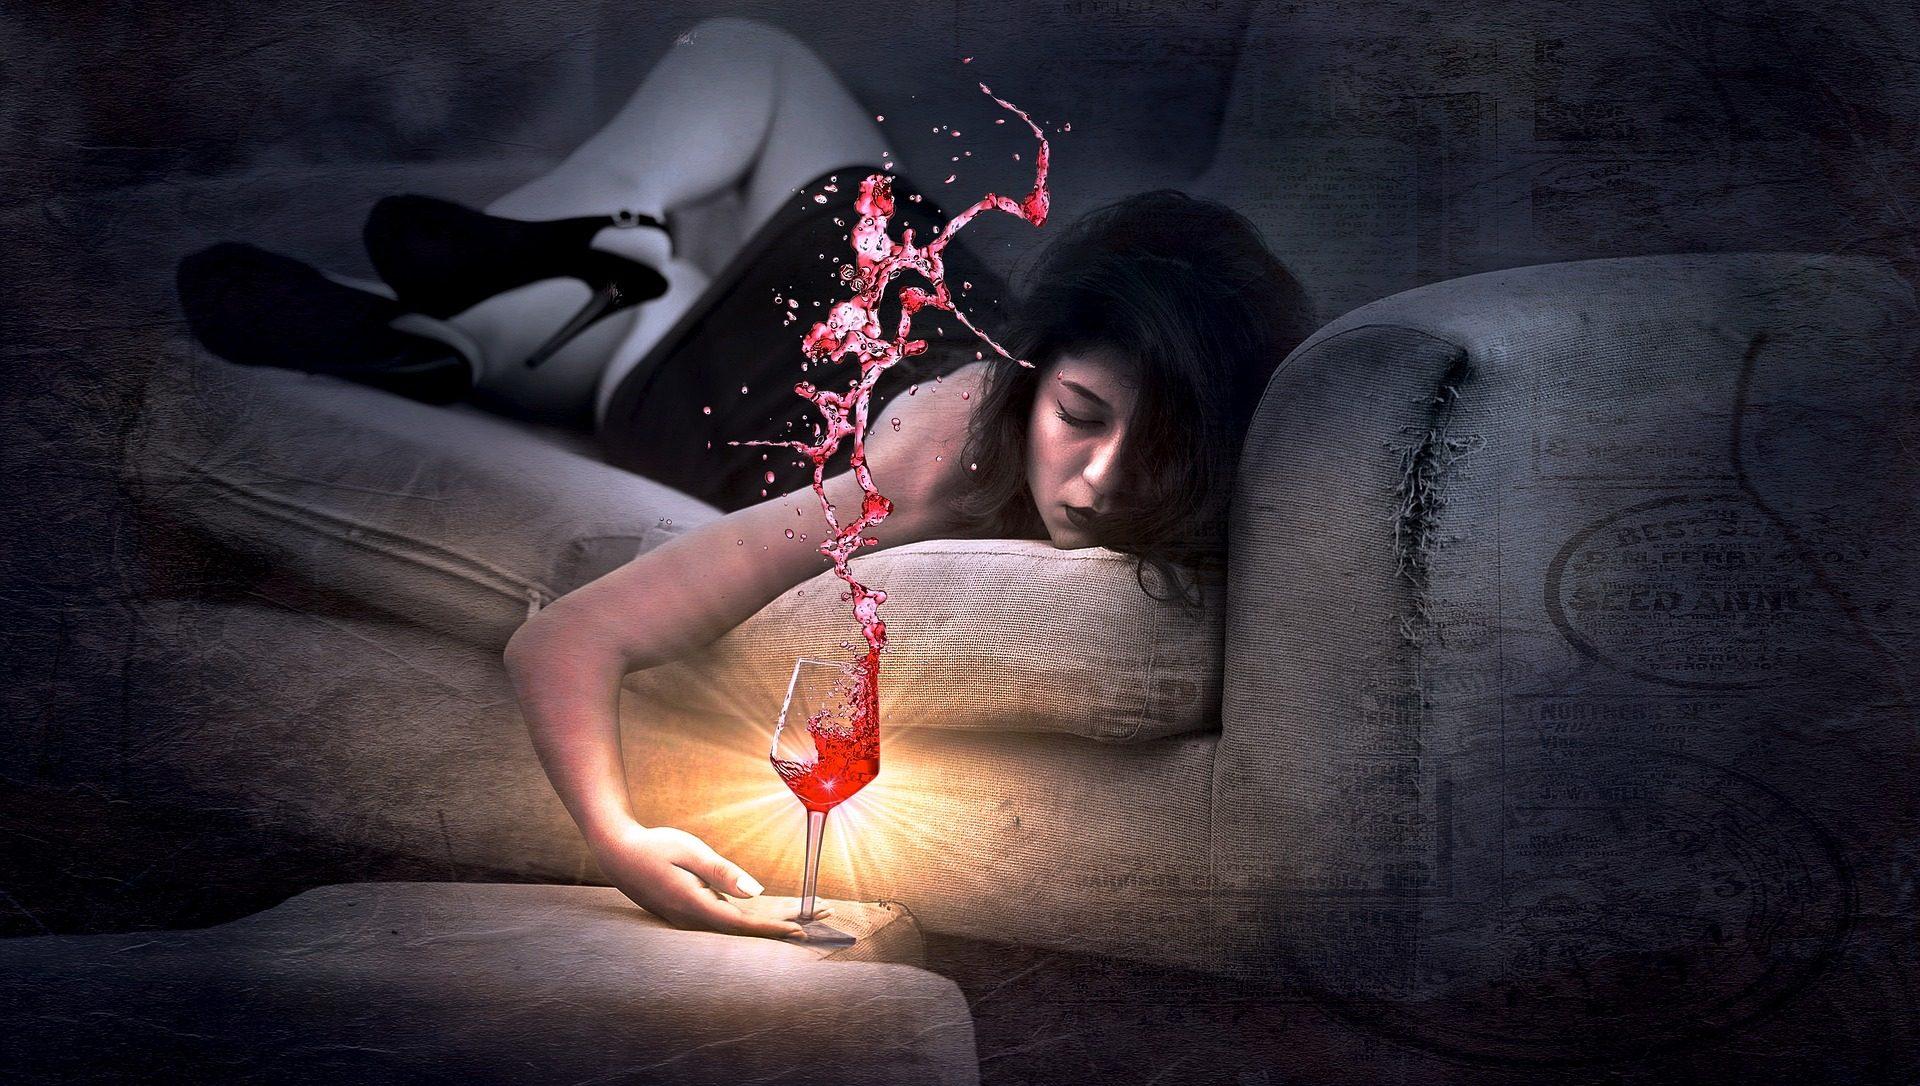 femme, canapé, Coupe, vin, Splash - Fonds d'écran HD - Professor-falken.com